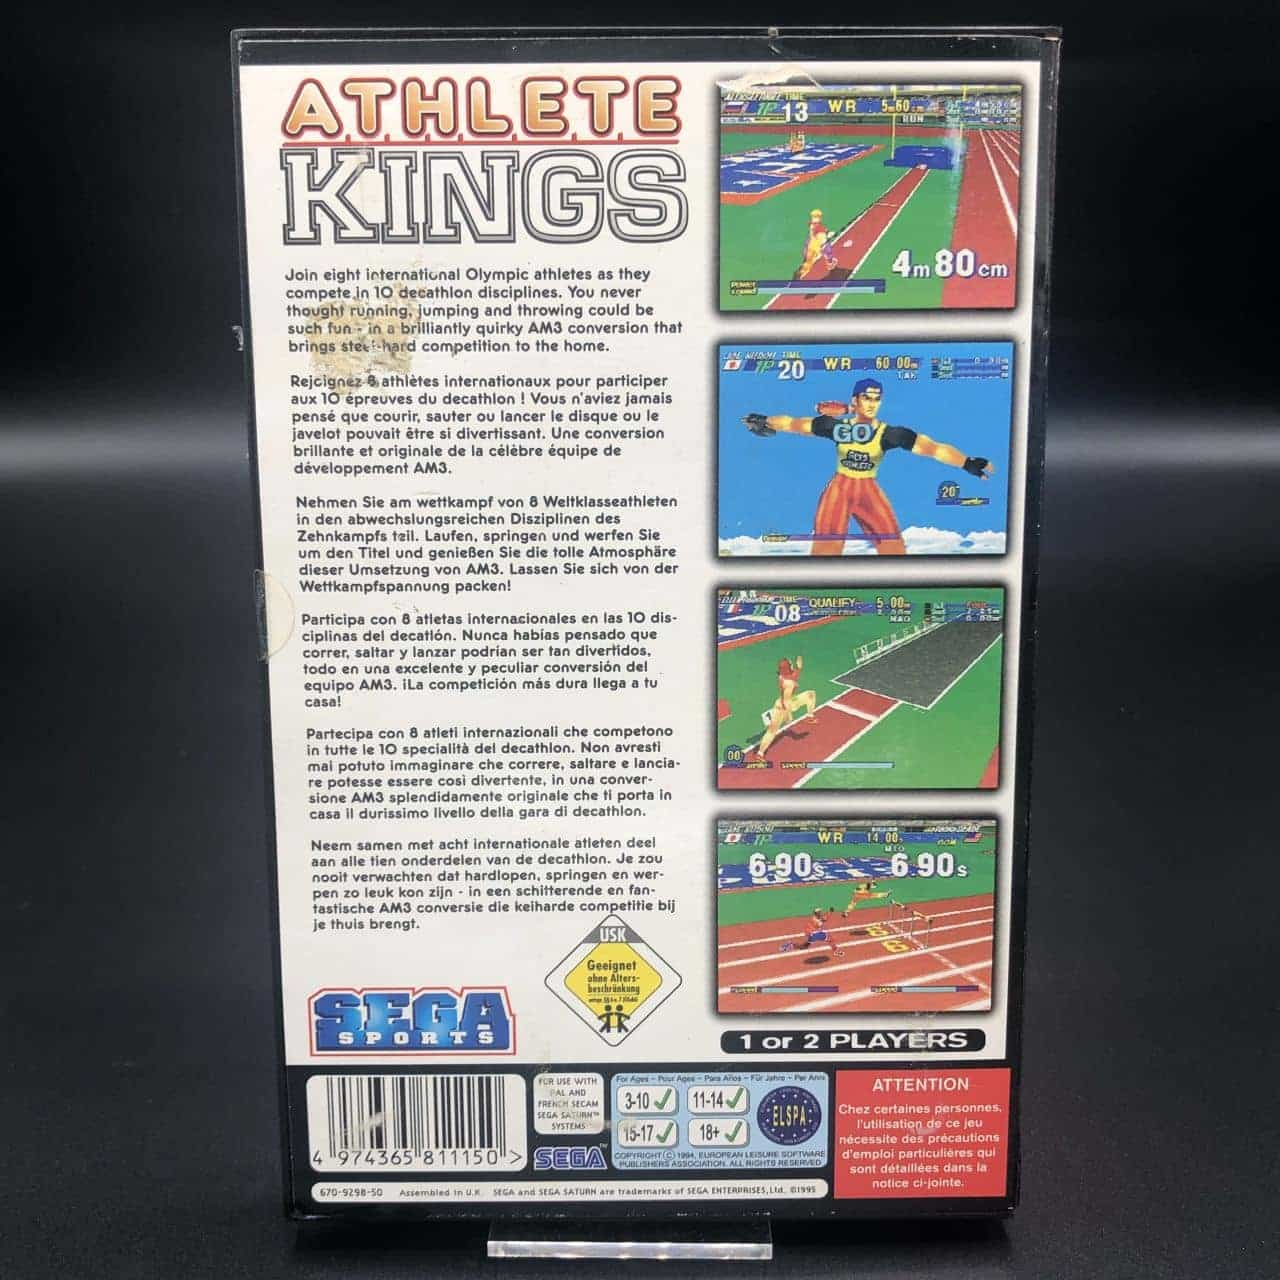 Athlete Kings (Komplett) (Sehr gut) Sega Saturn